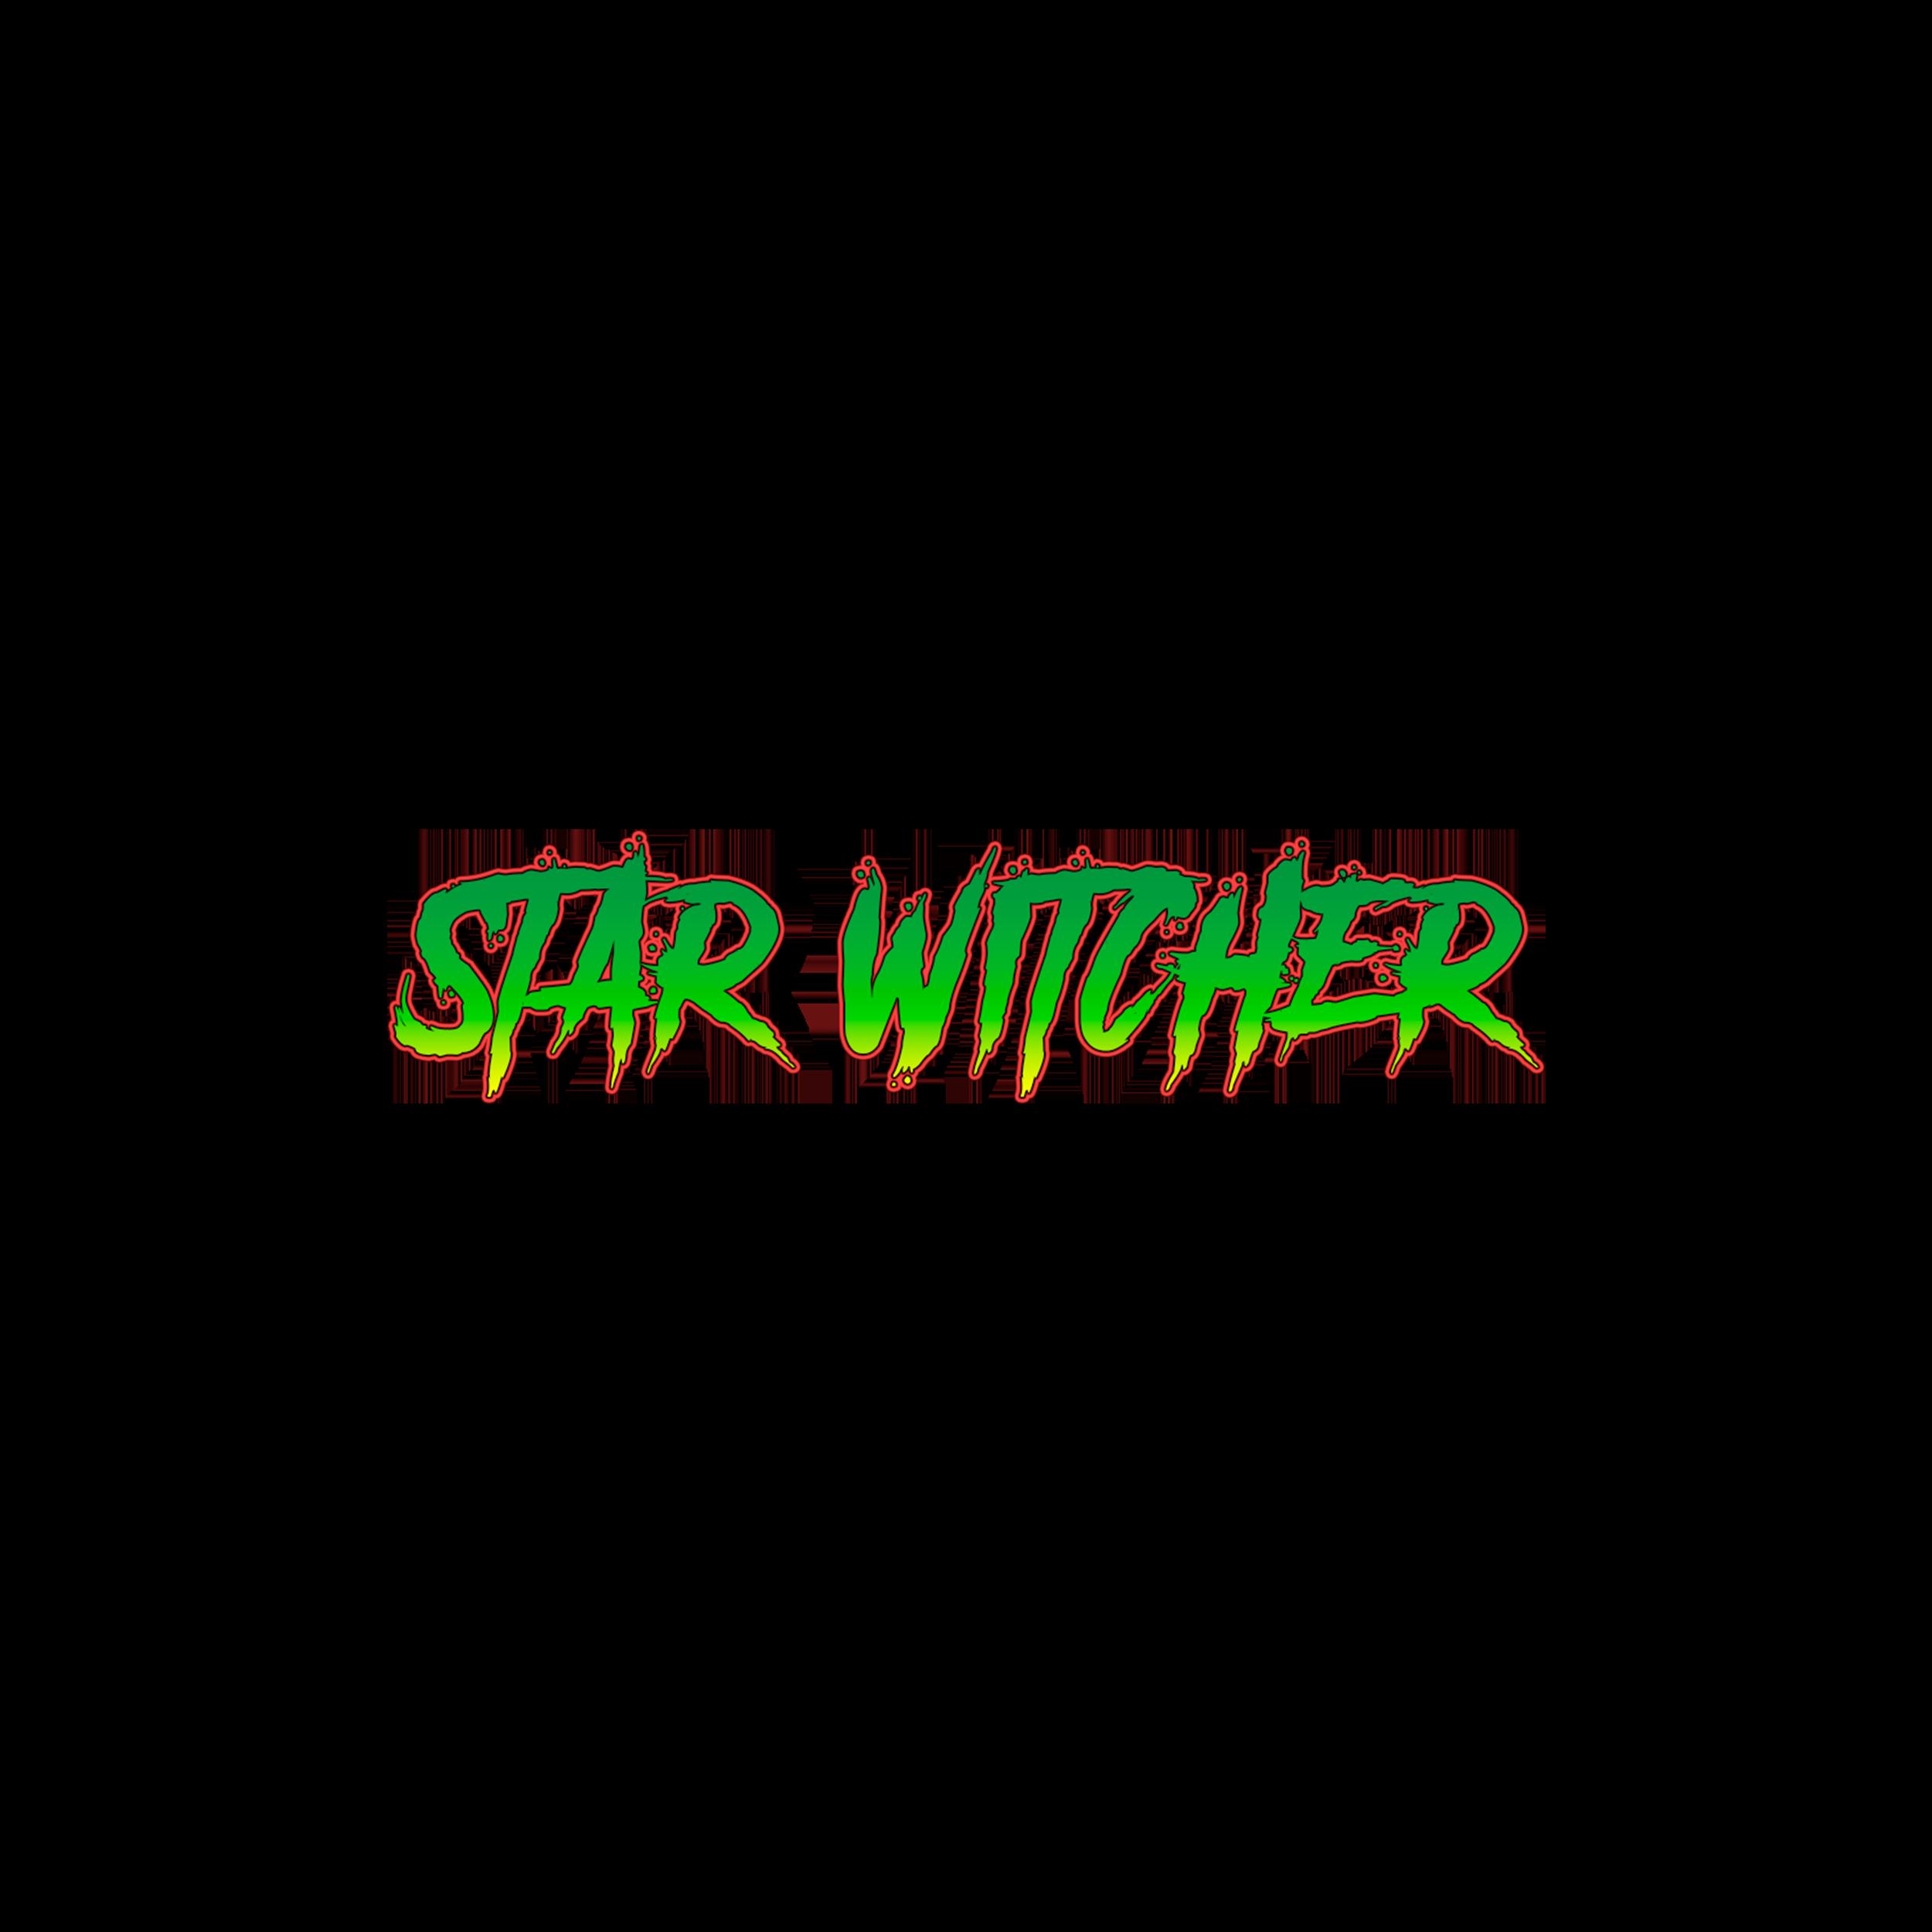 Star Witcher logo